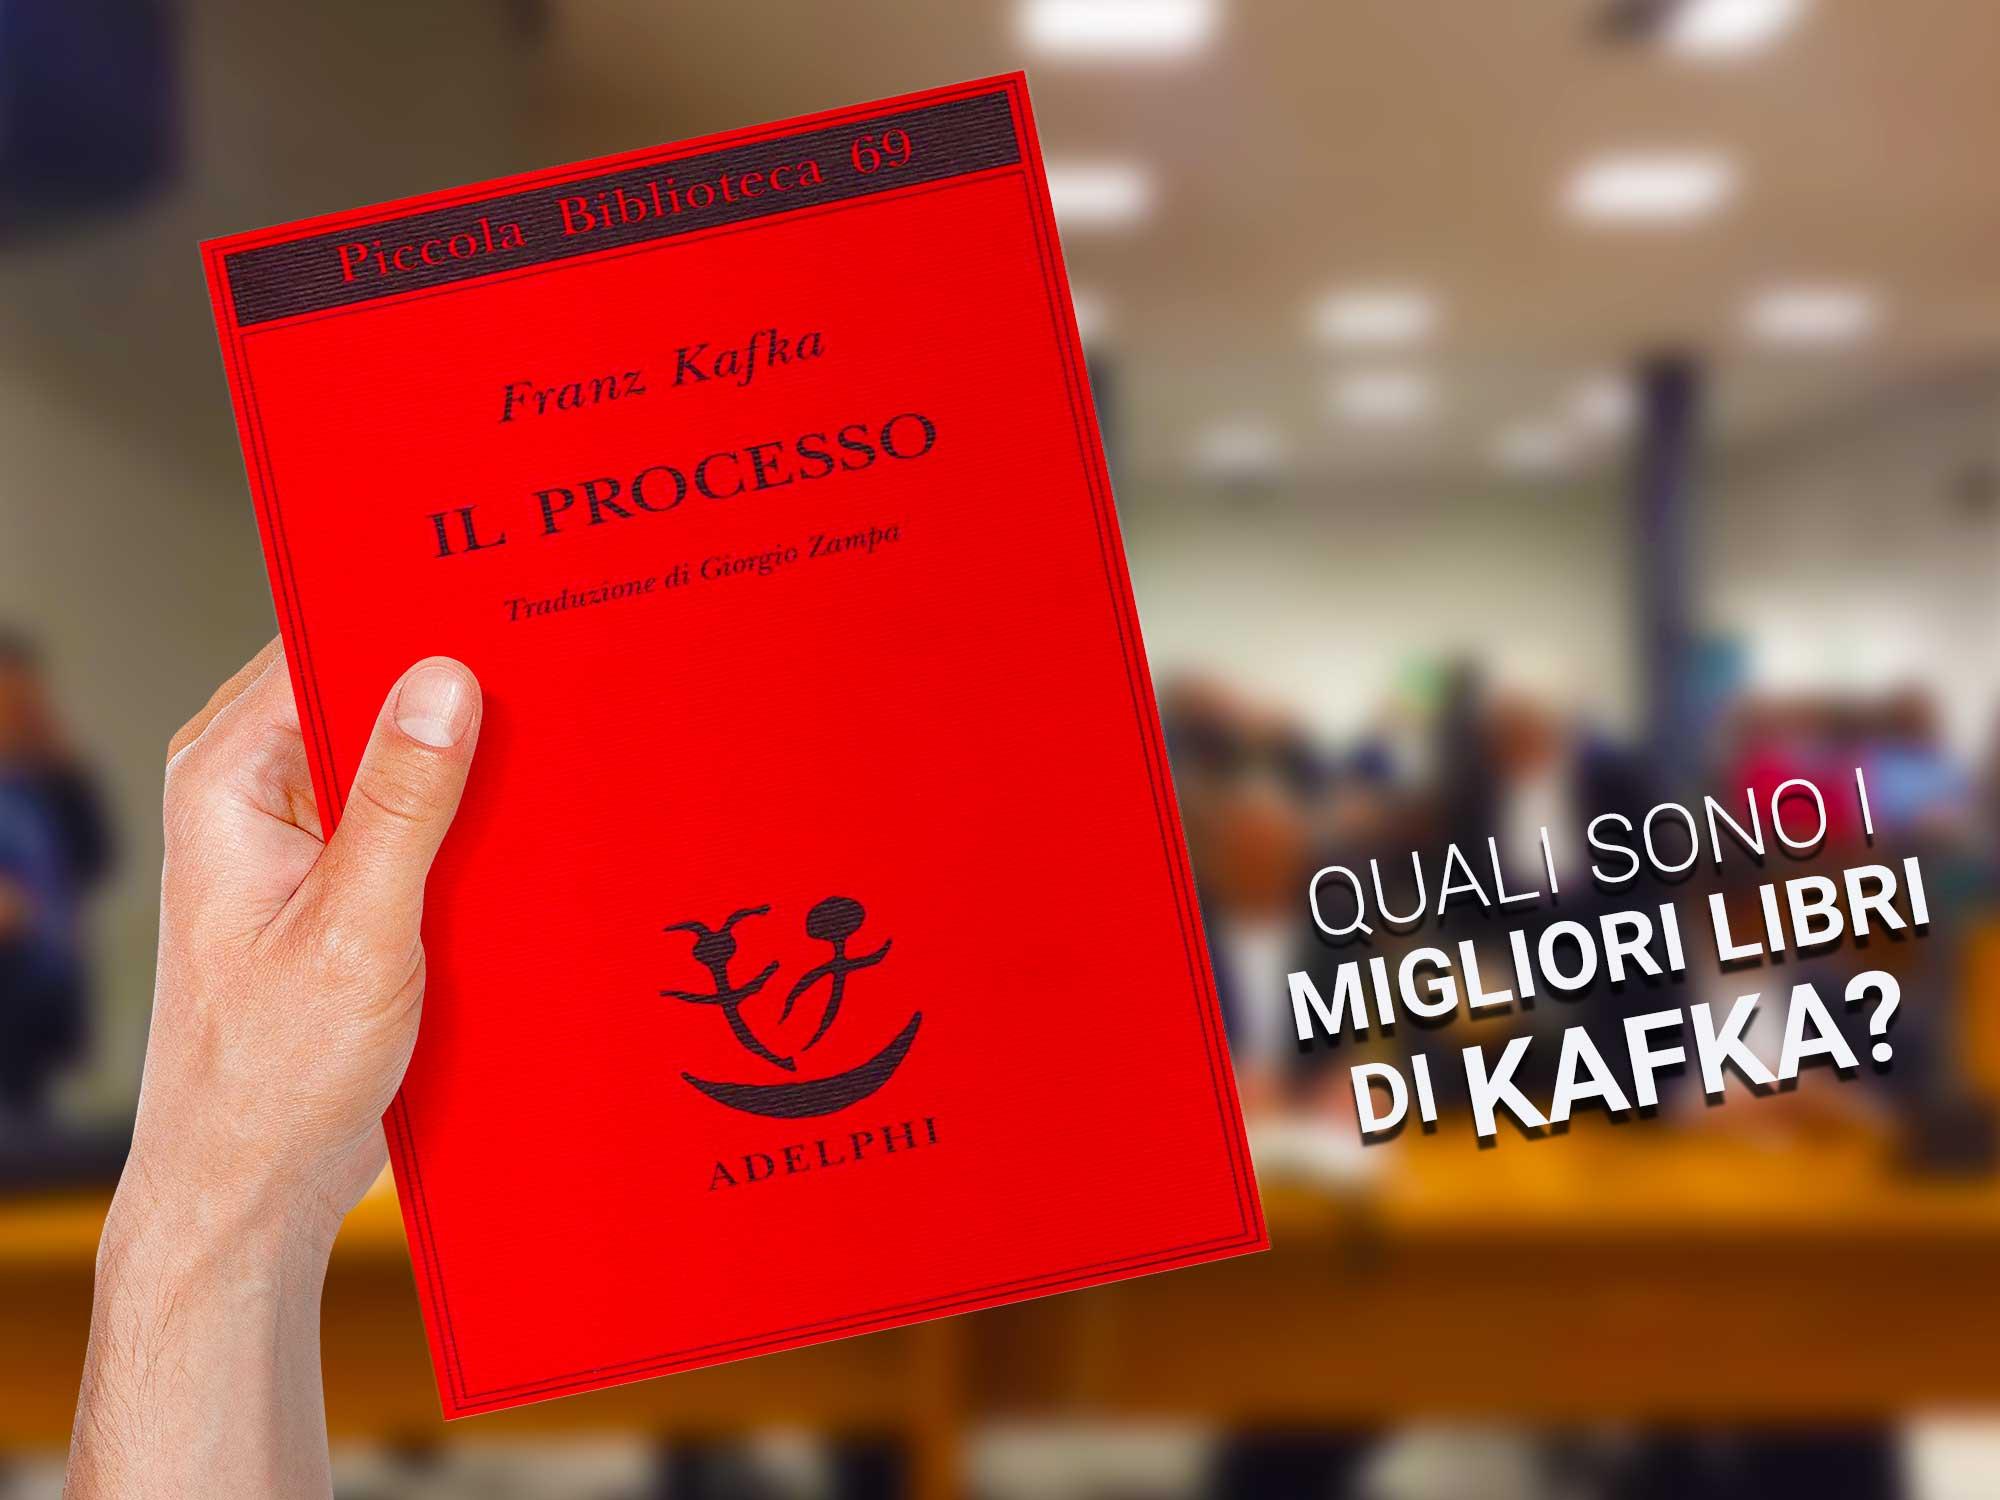 migliore-libro-di-kafka-processo